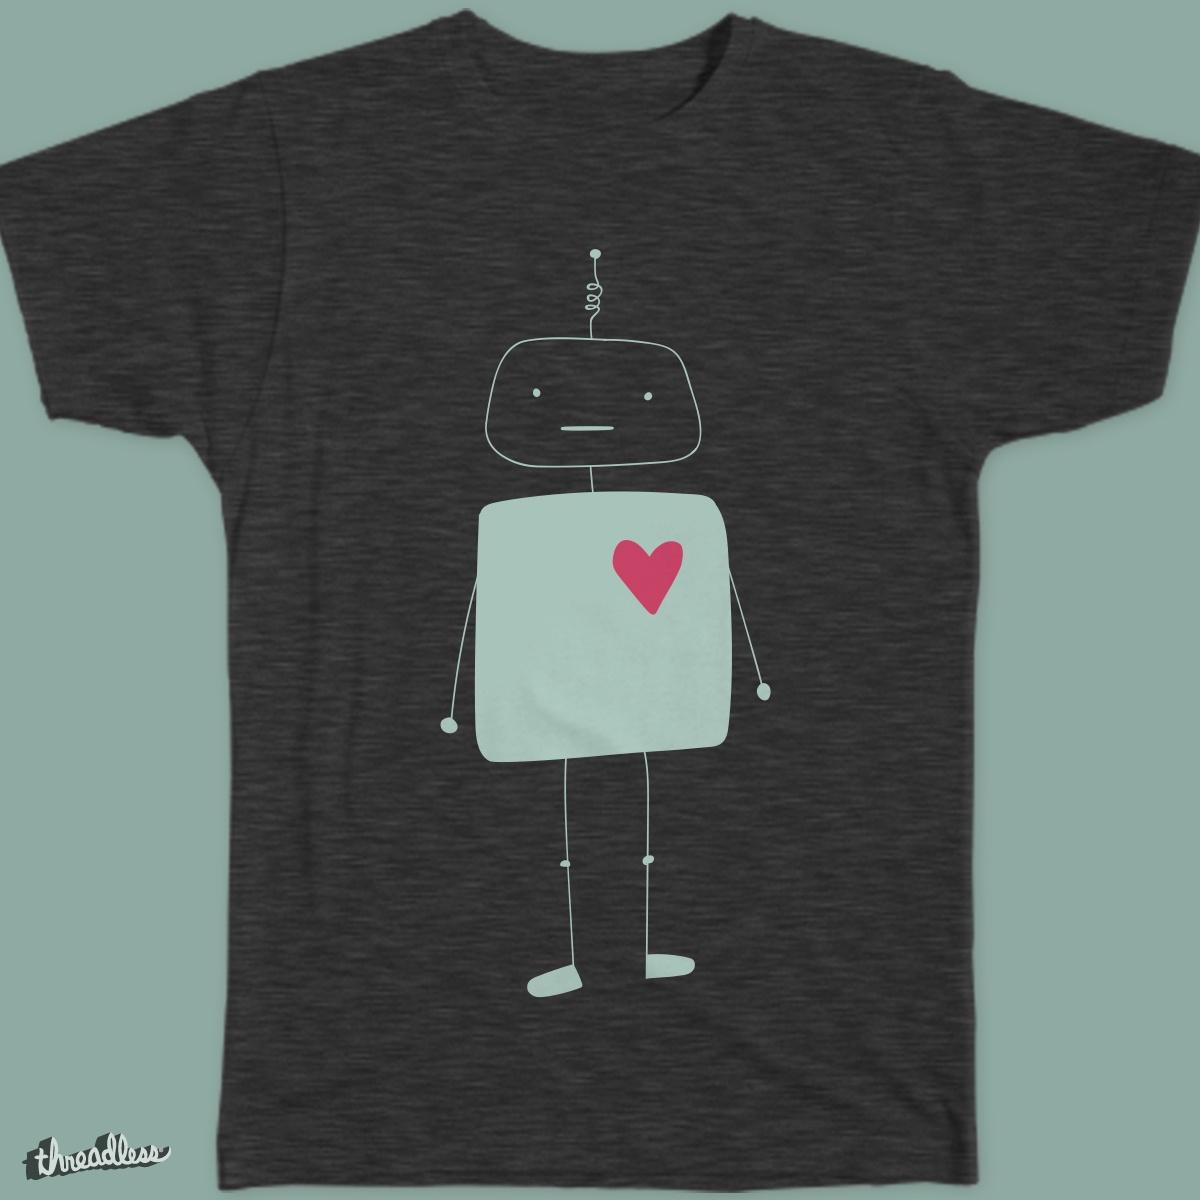 Robot Love by ErikaPSimonds on Threadless